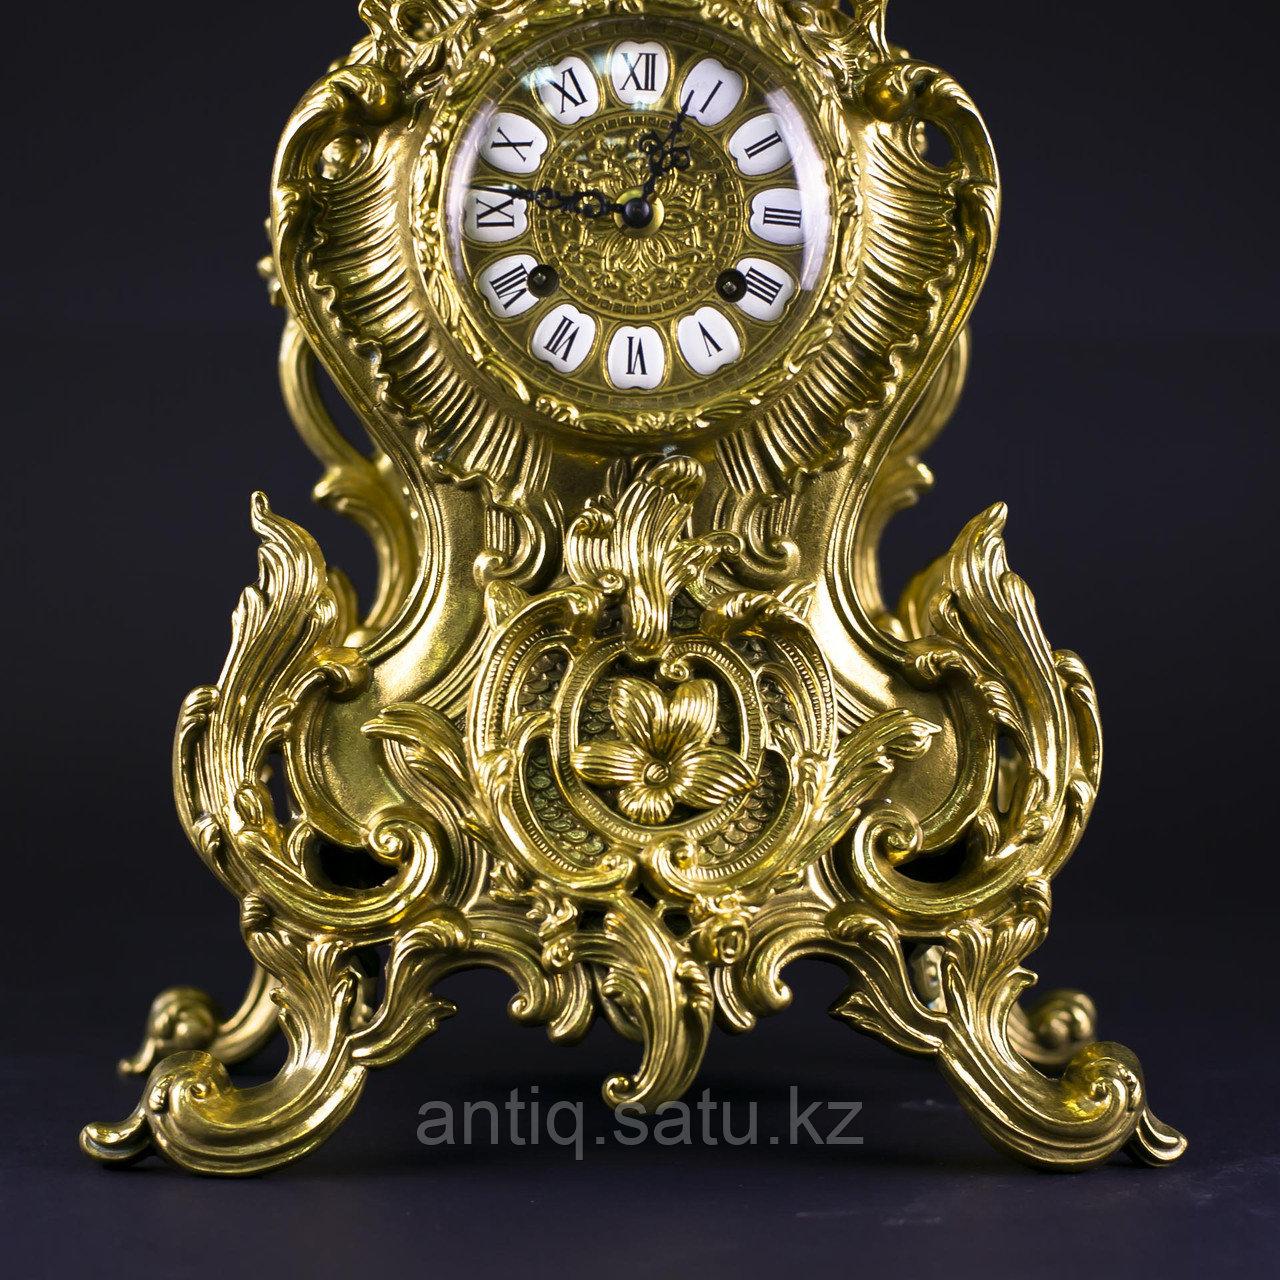 Часовой гарнитур в стиле Неорококо Часовая мастерская Franz Hermle & Sohne - фото 9